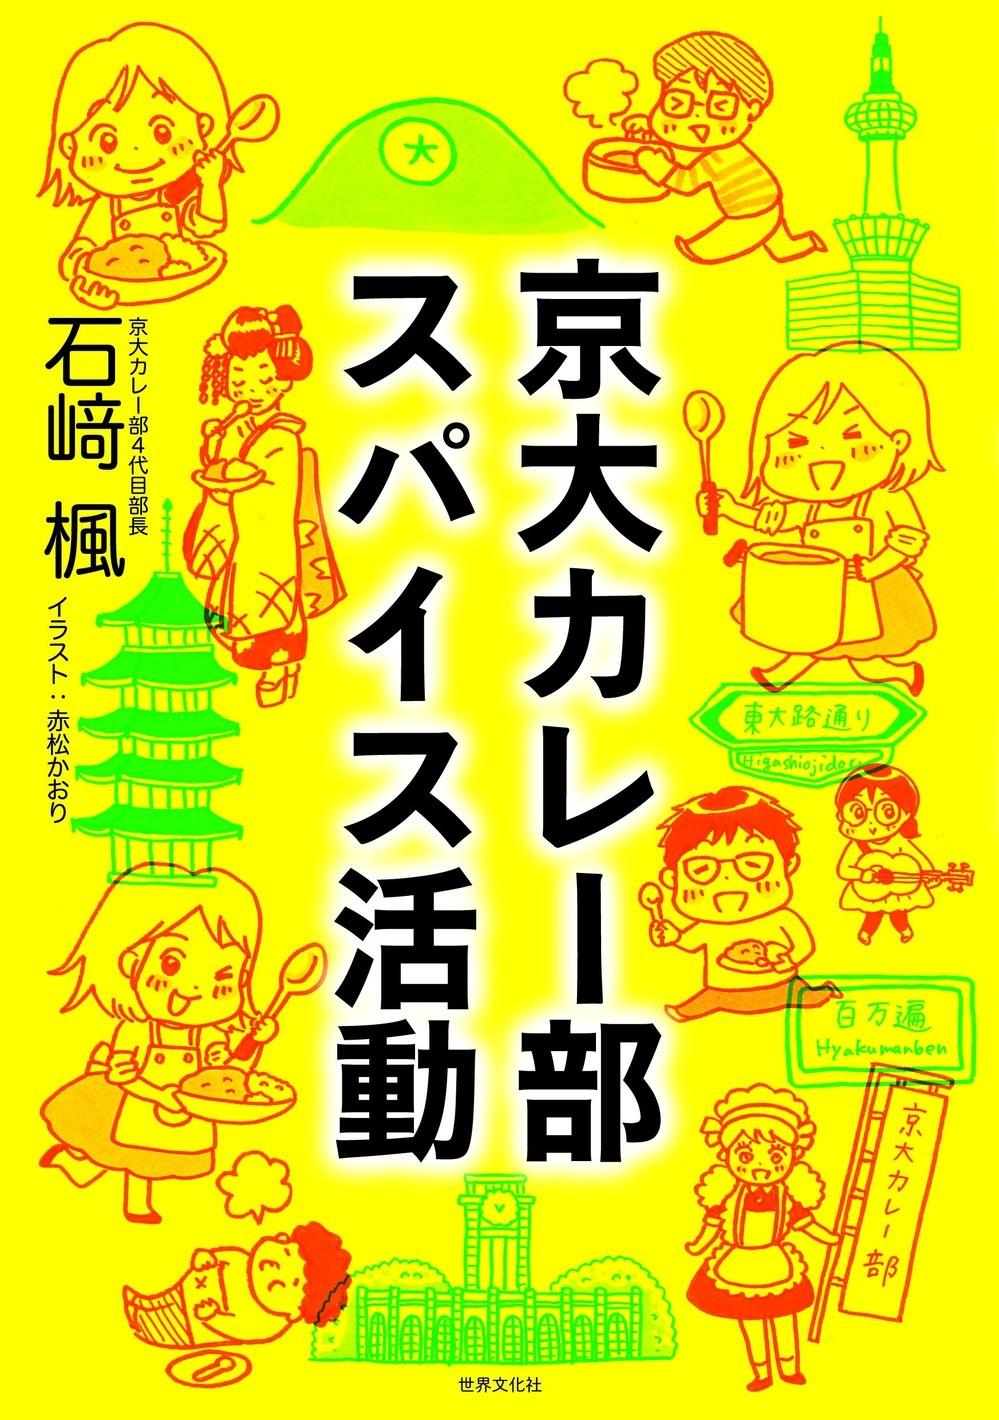 京大生が、町おこしやインド滞在で突き詰めた「カレー部」の本